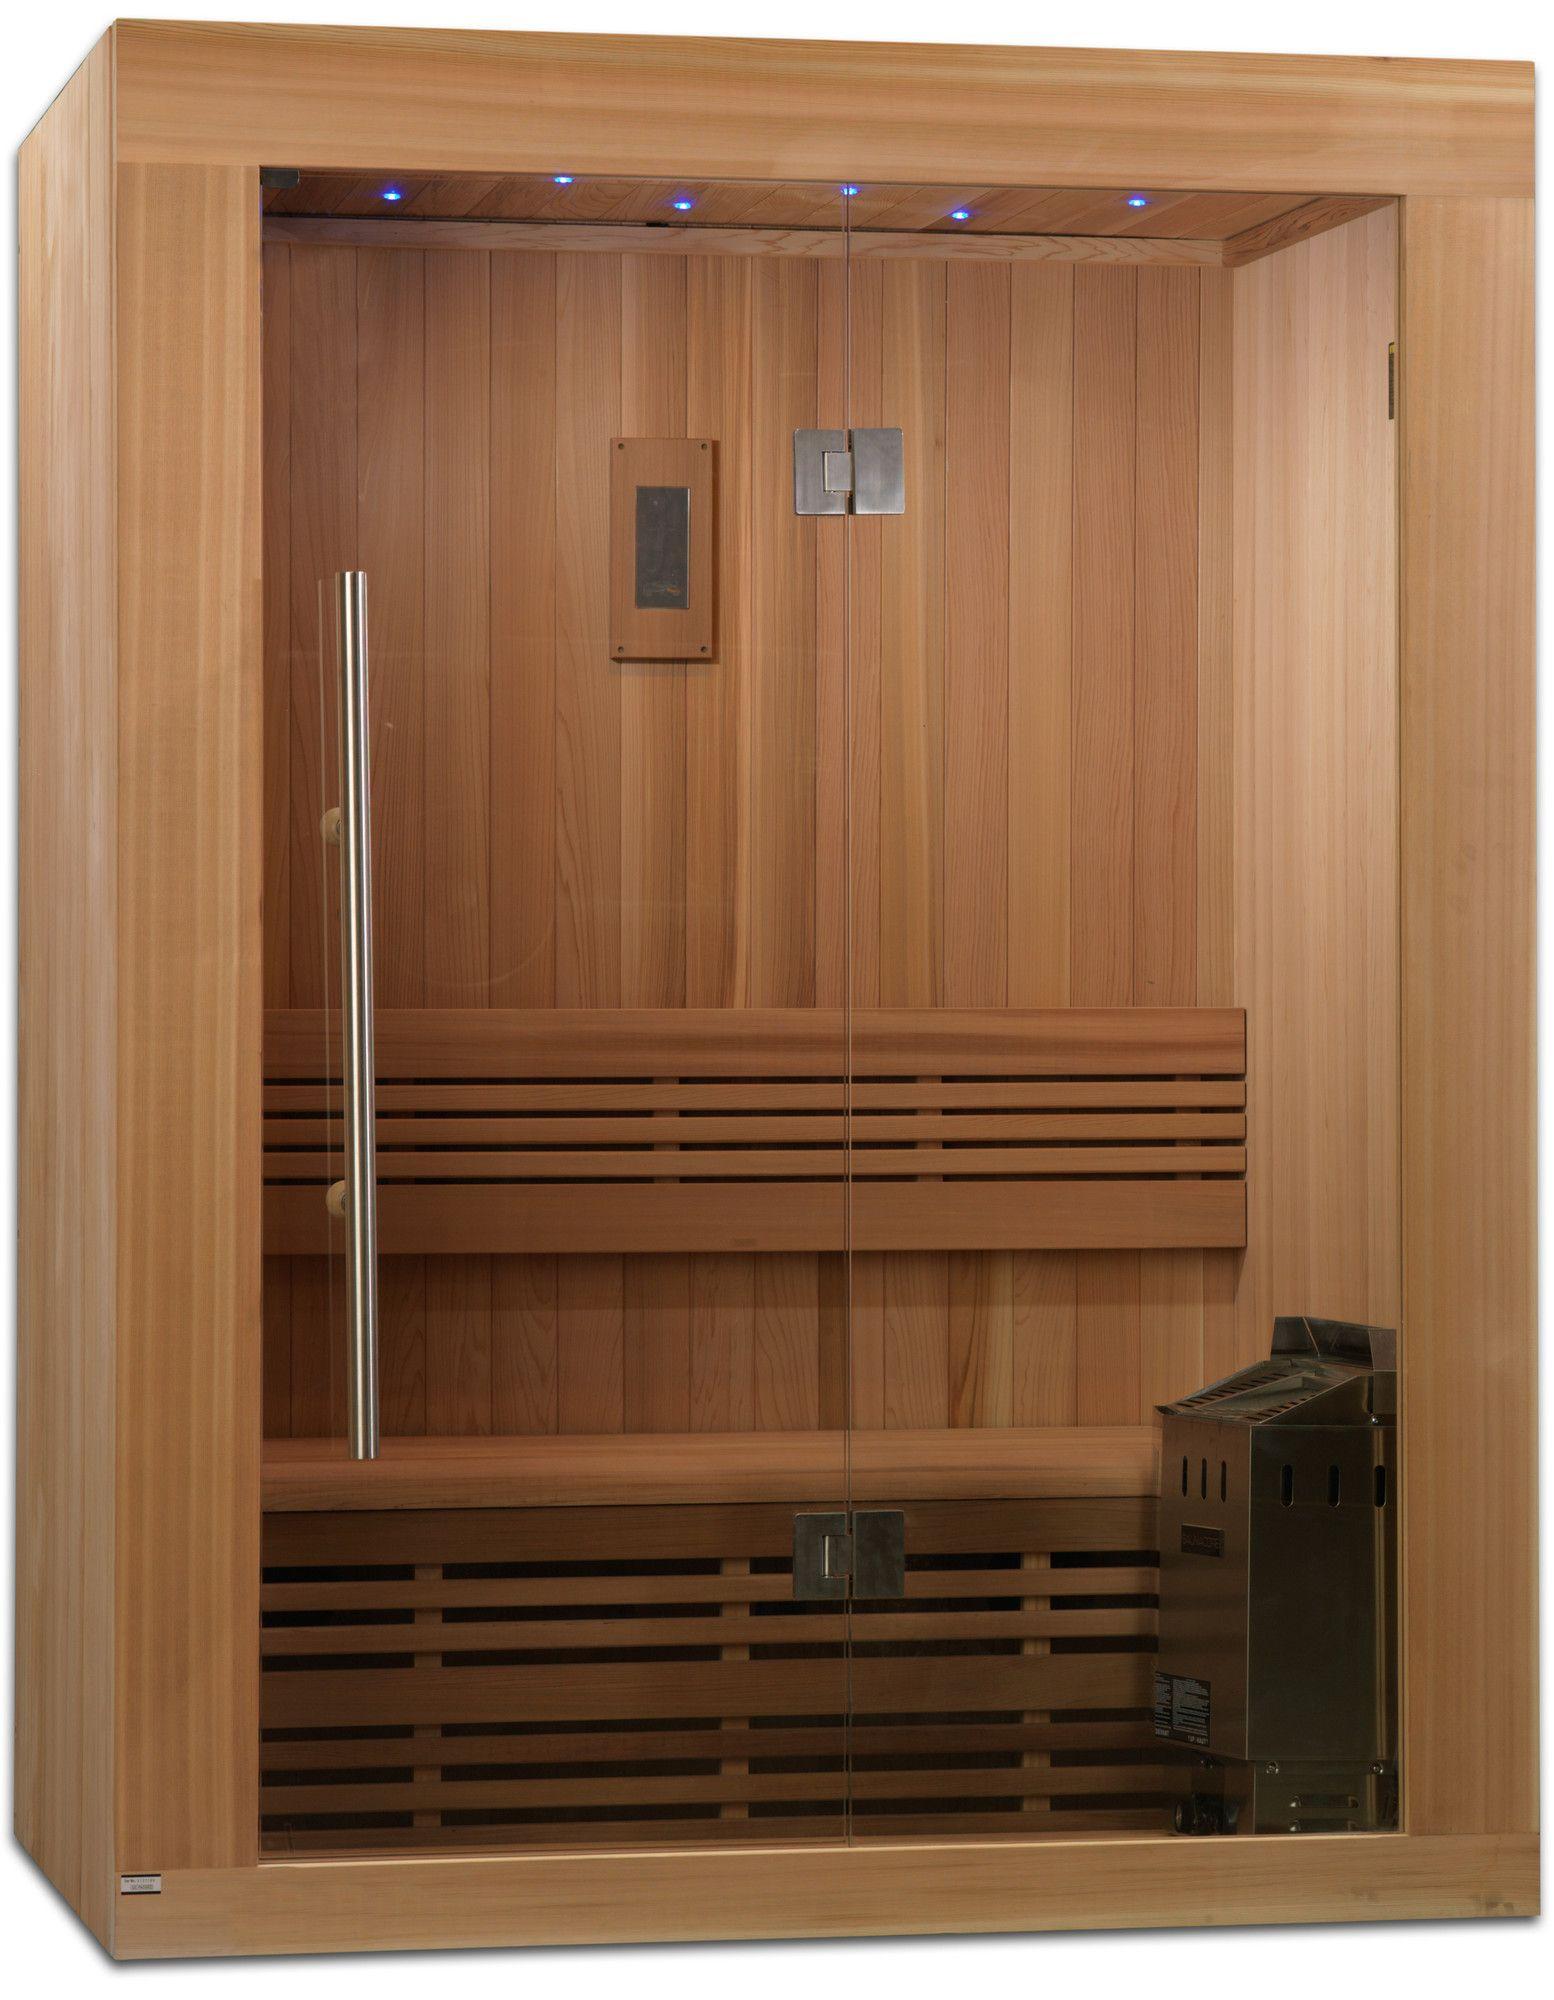 2 3 person traditional steam sauna products pinterest badezimmer sauna und baden. Black Bedroom Furniture Sets. Home Design Ideas